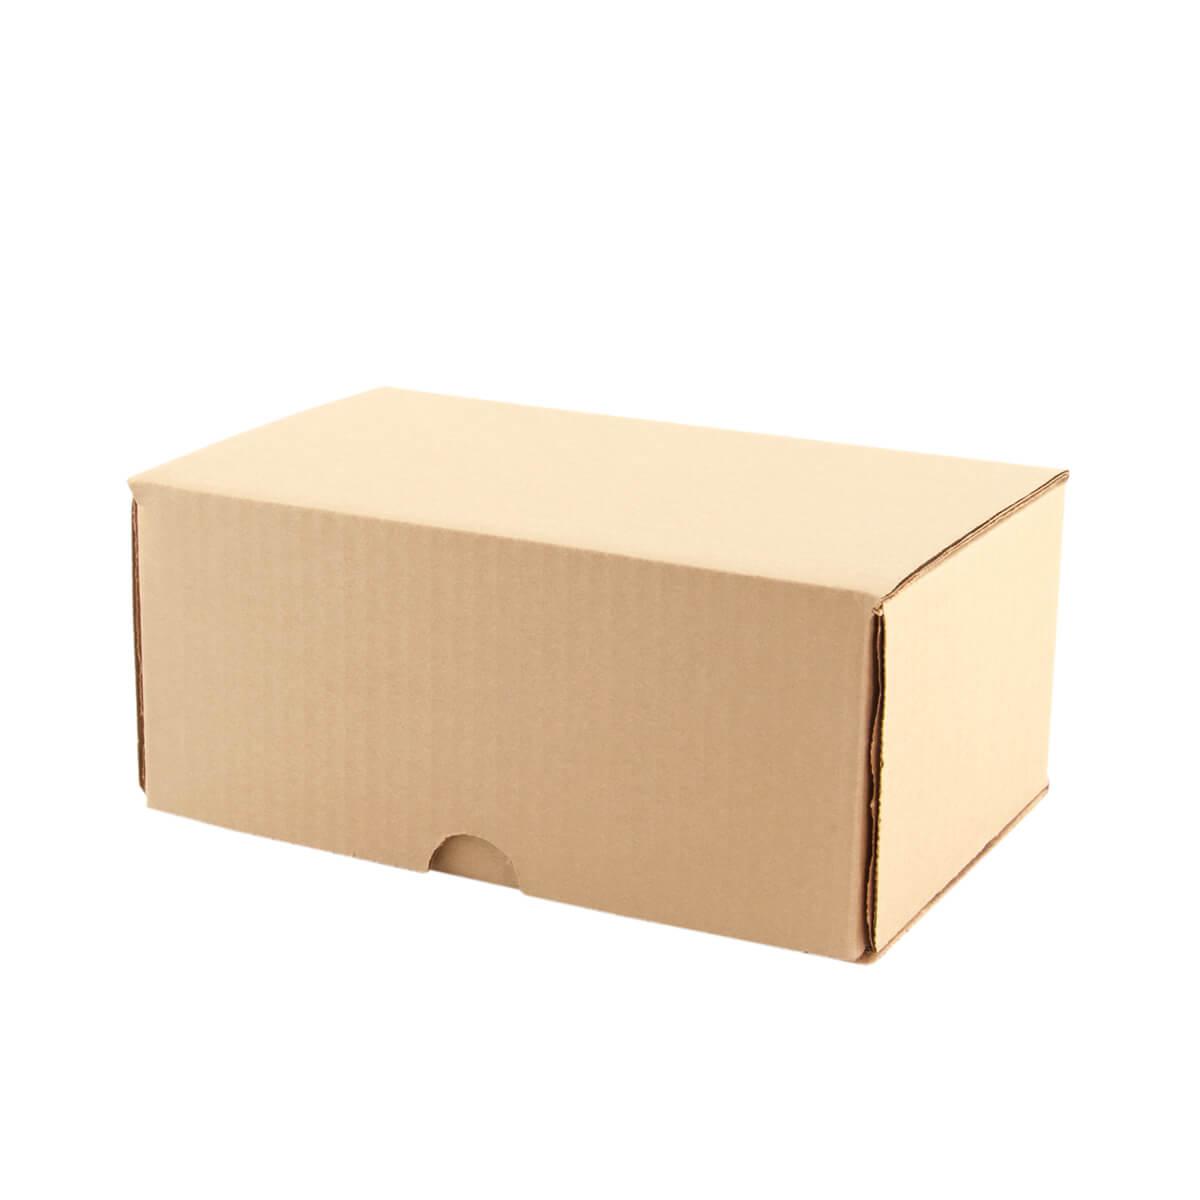 Caixa Papelão Correios 21x12x9 - 50 Unidades